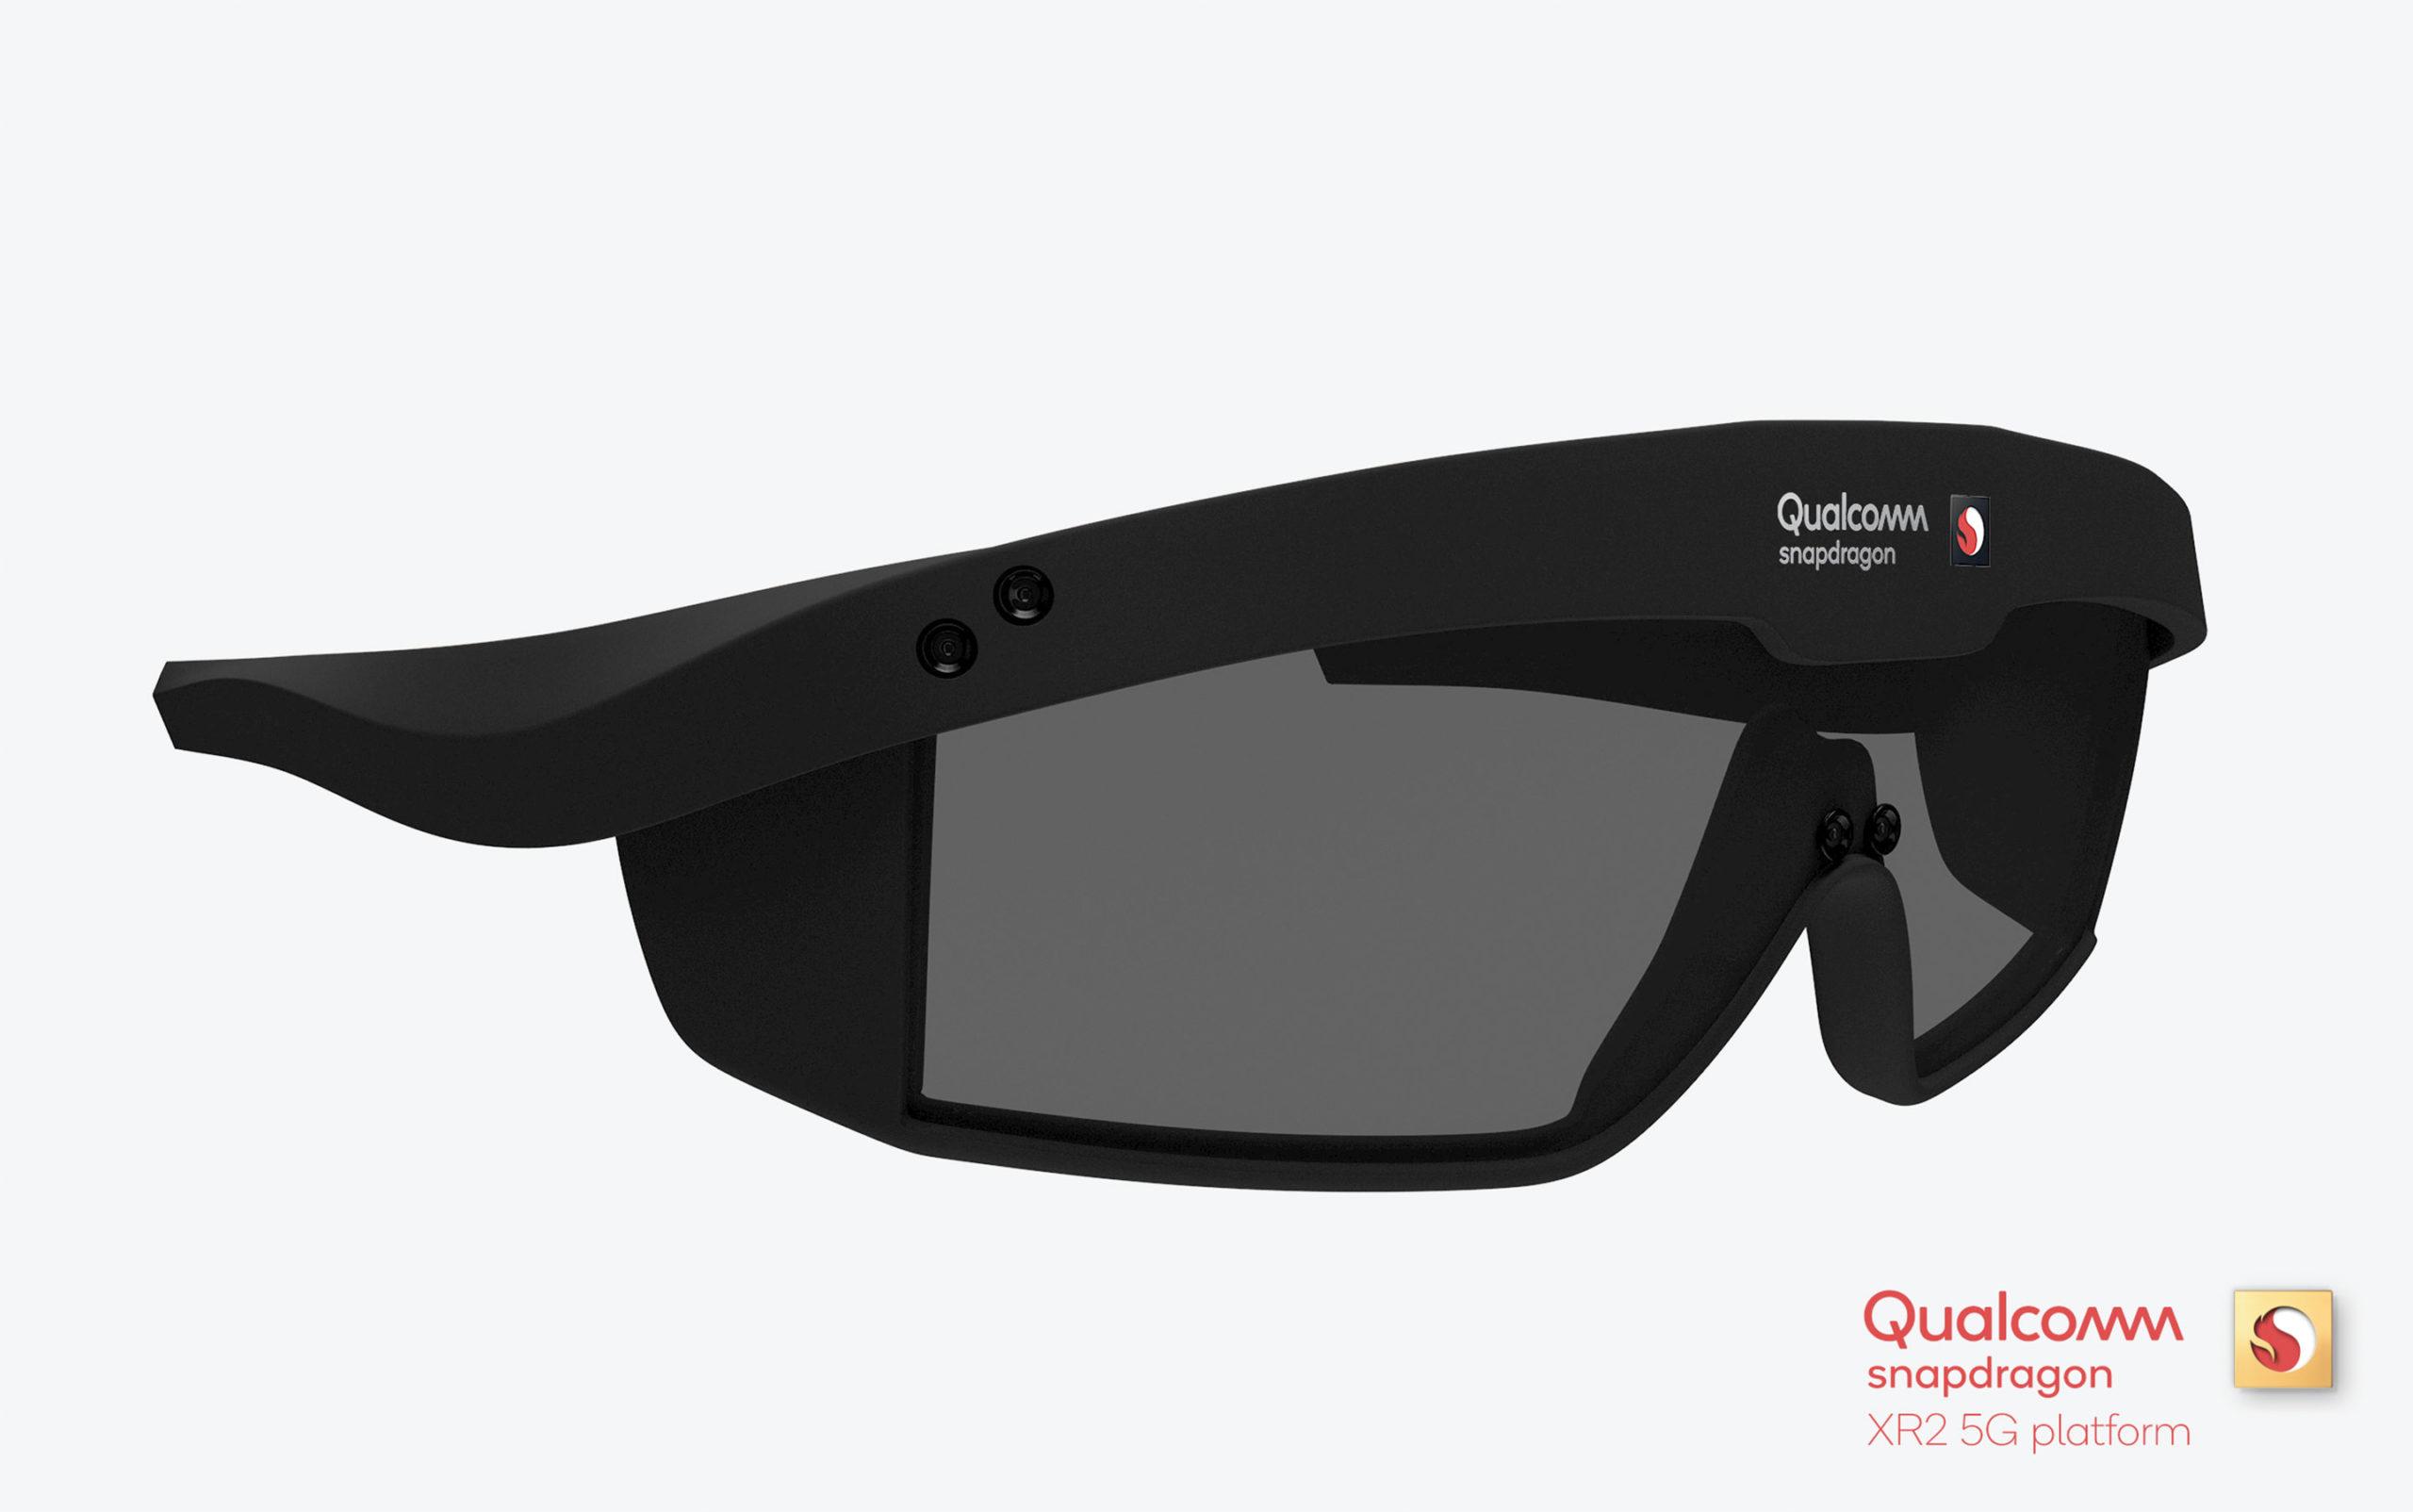 Snapdragon XR2 concept design